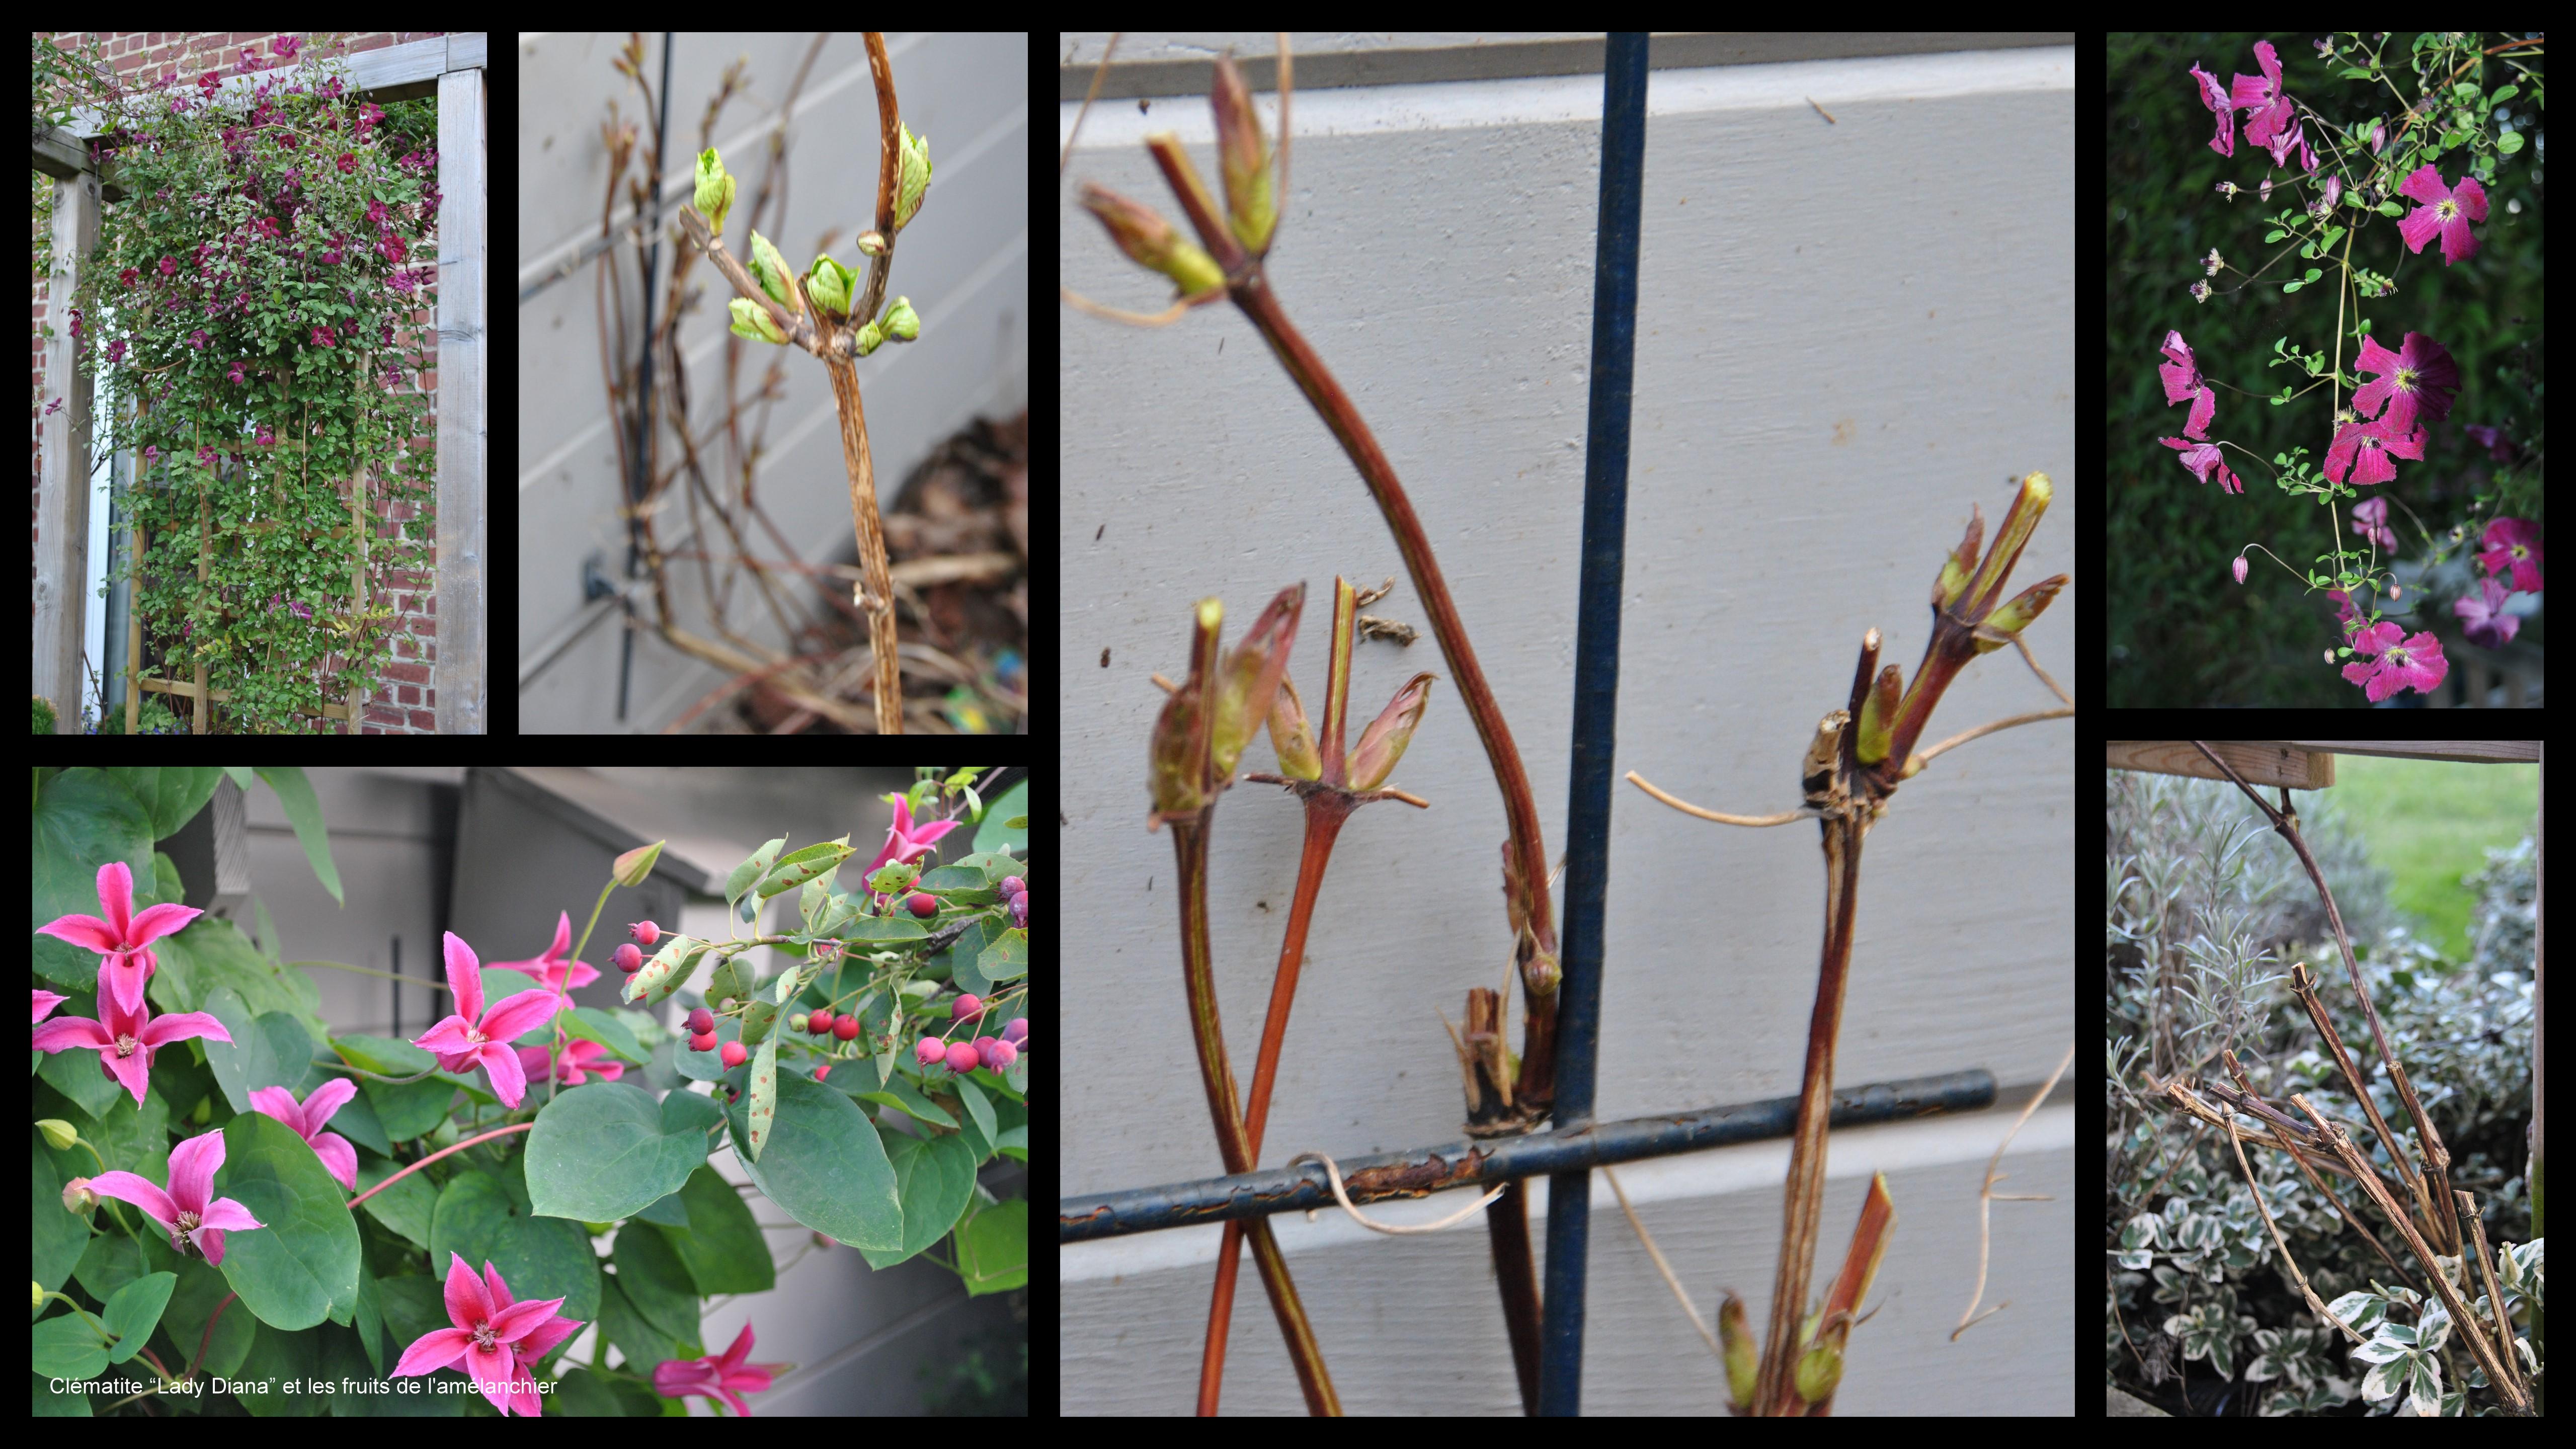 Cl matites tailler les chroniques de mon jardin - Tailler orchidee apres floraison ...